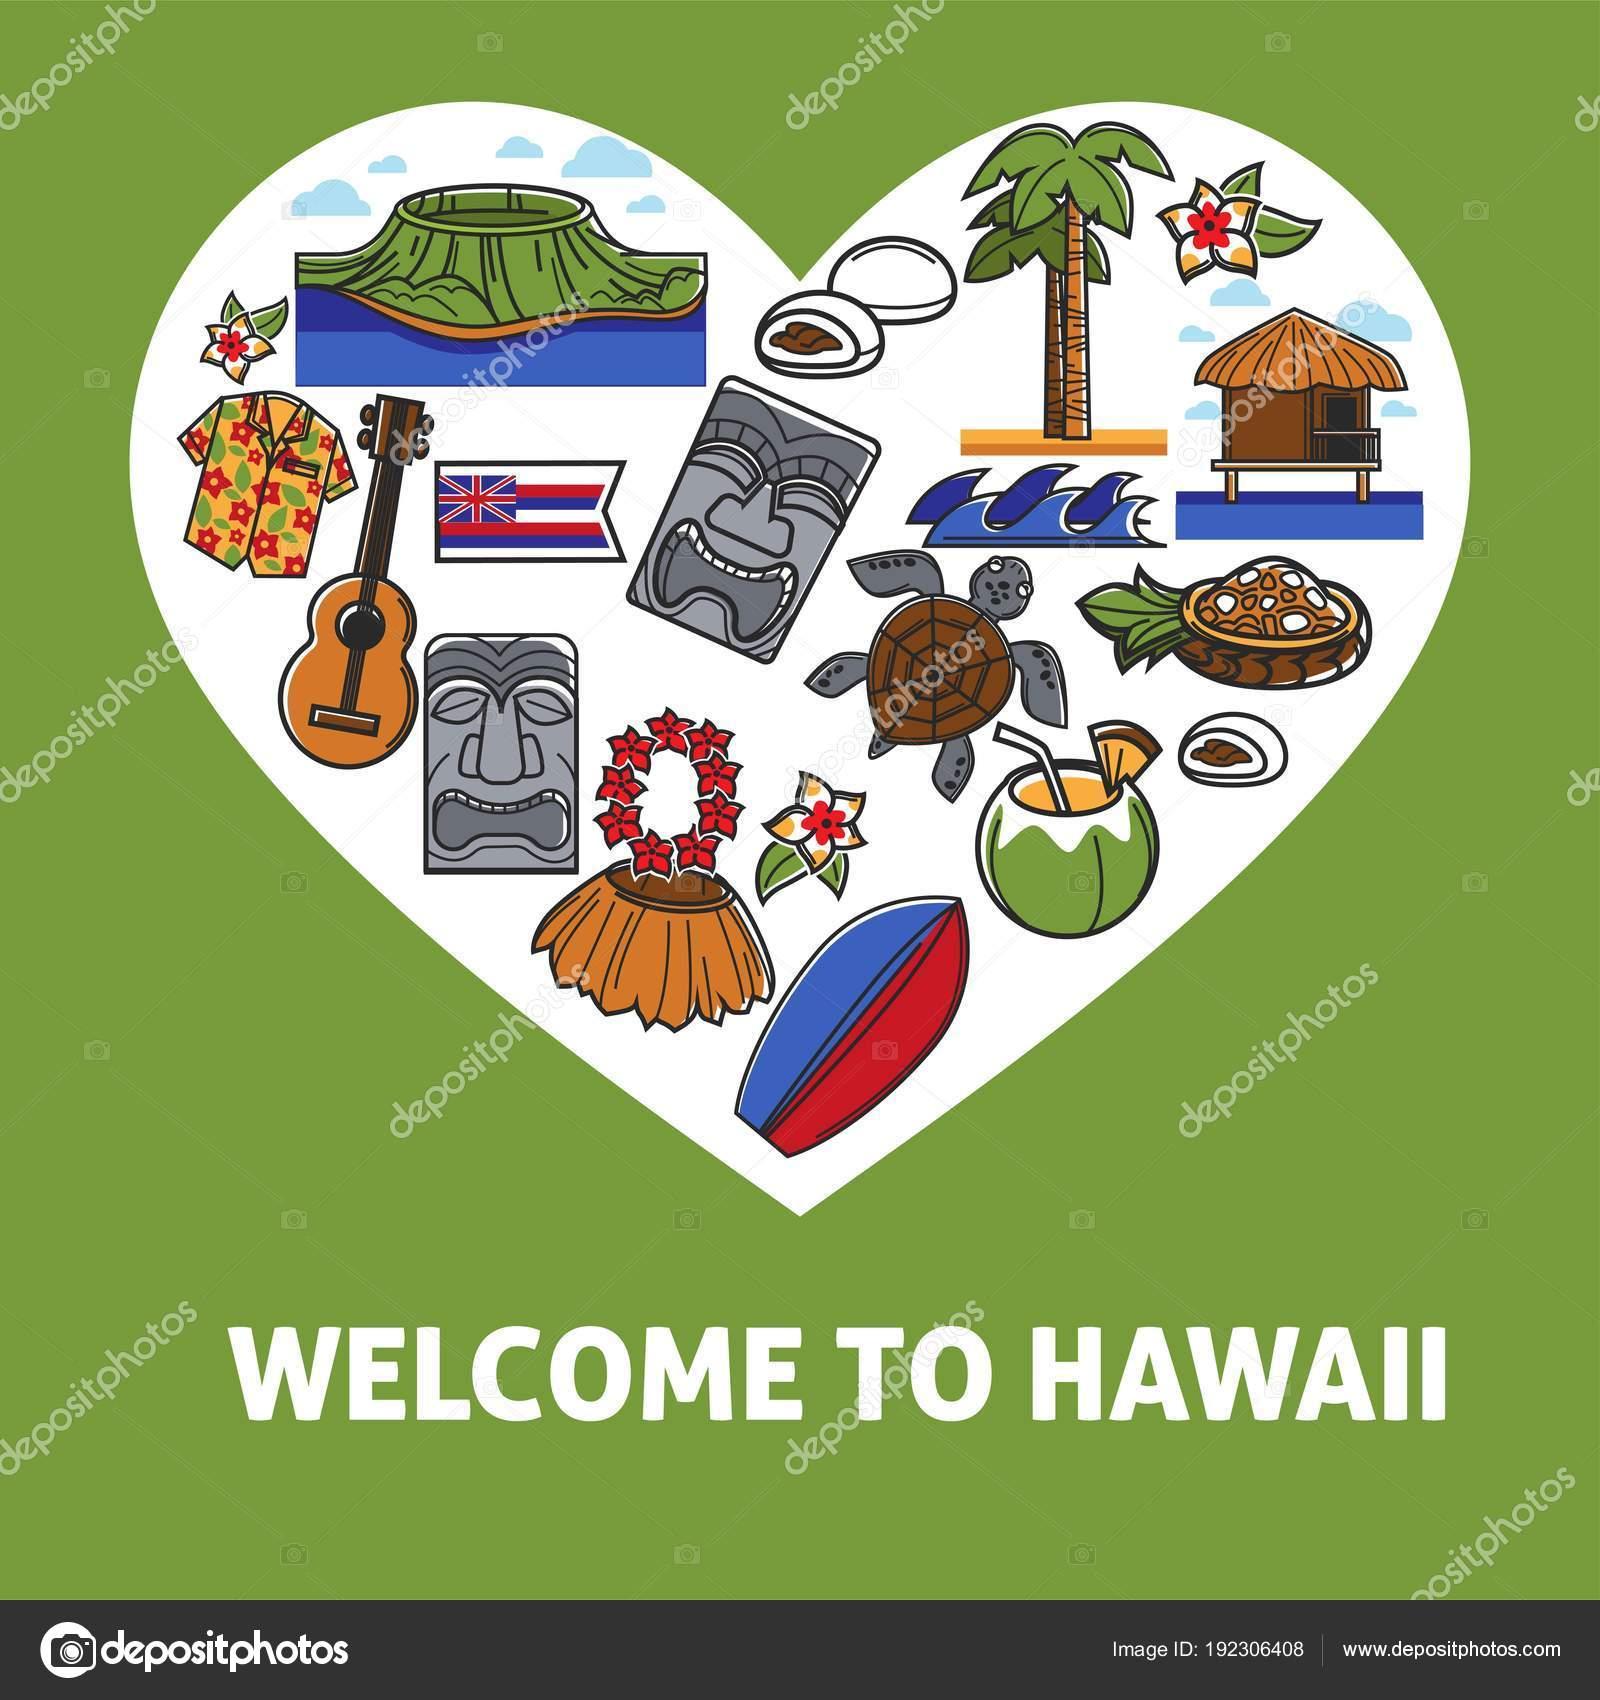 c107b692dda Bem-vindo ao banner de promo Havaí com símbolos nacionais. Natureza  selvagem